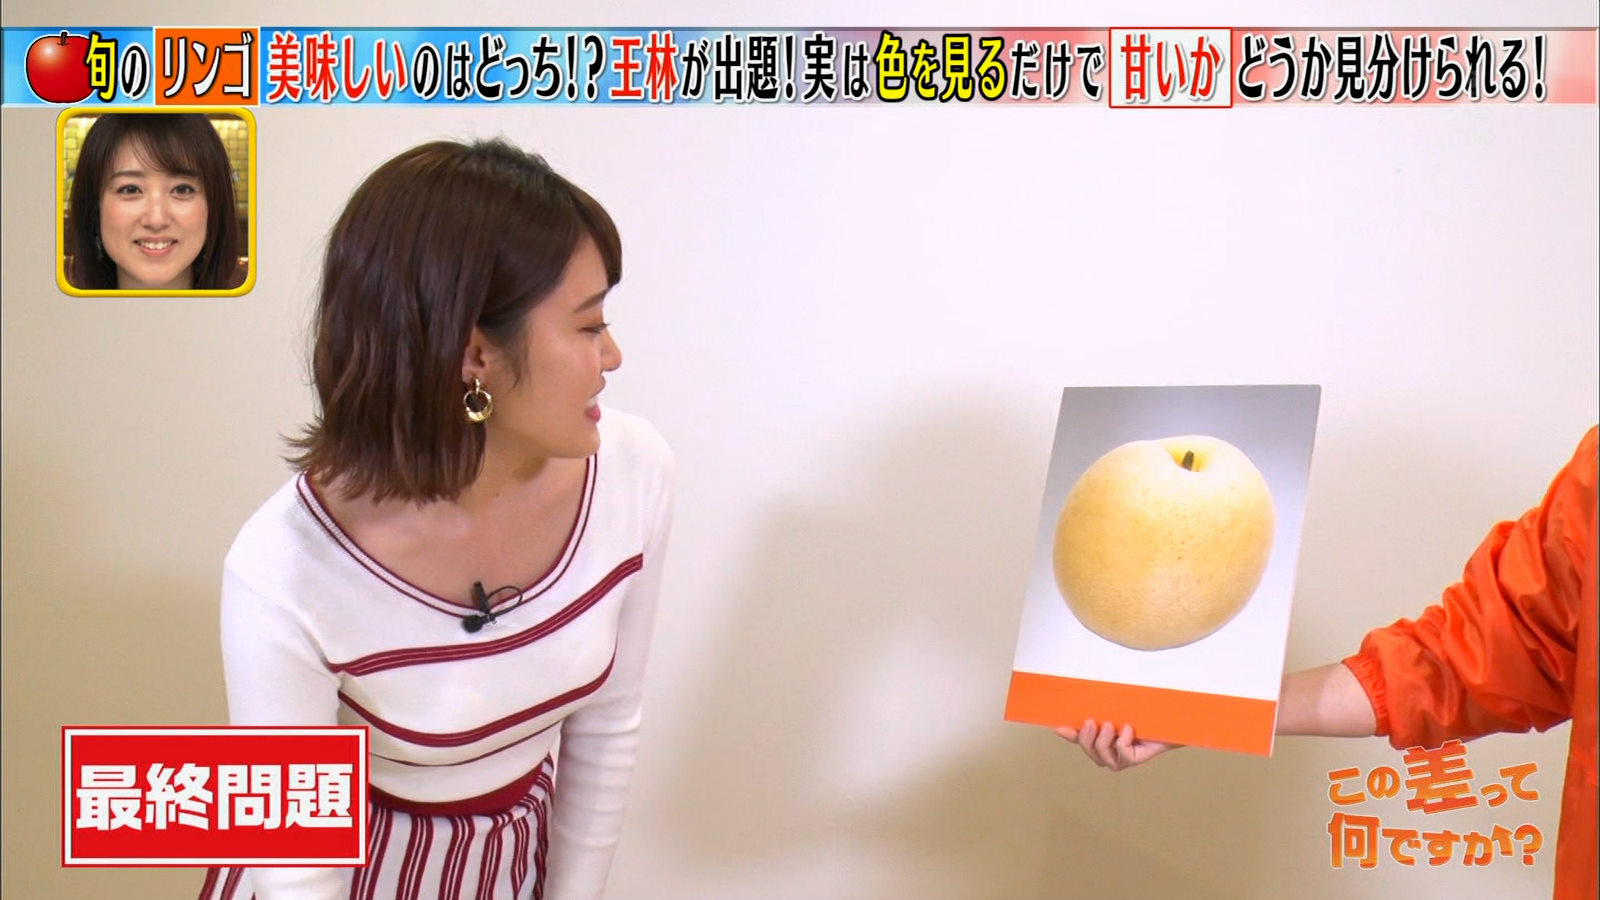 王林_おっぱい_横乳_テレビキャプ画像_10